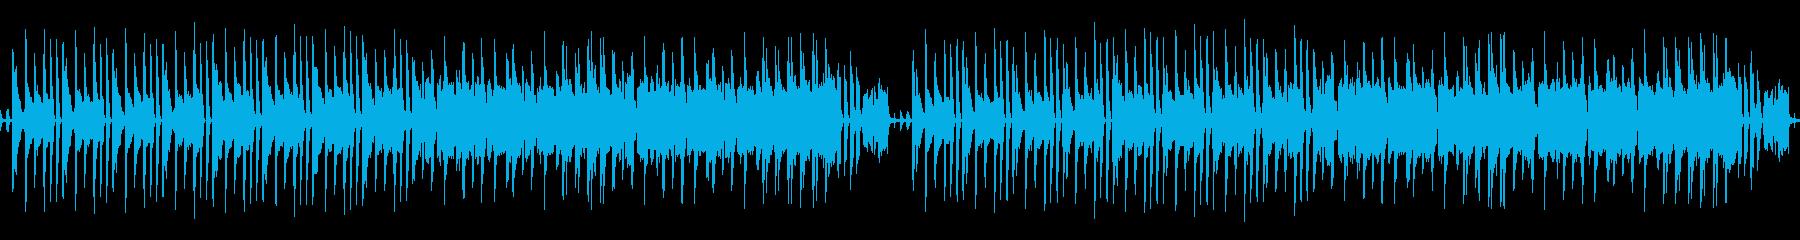 8bit・チップチューン風おバカメロディの再生済みの波形